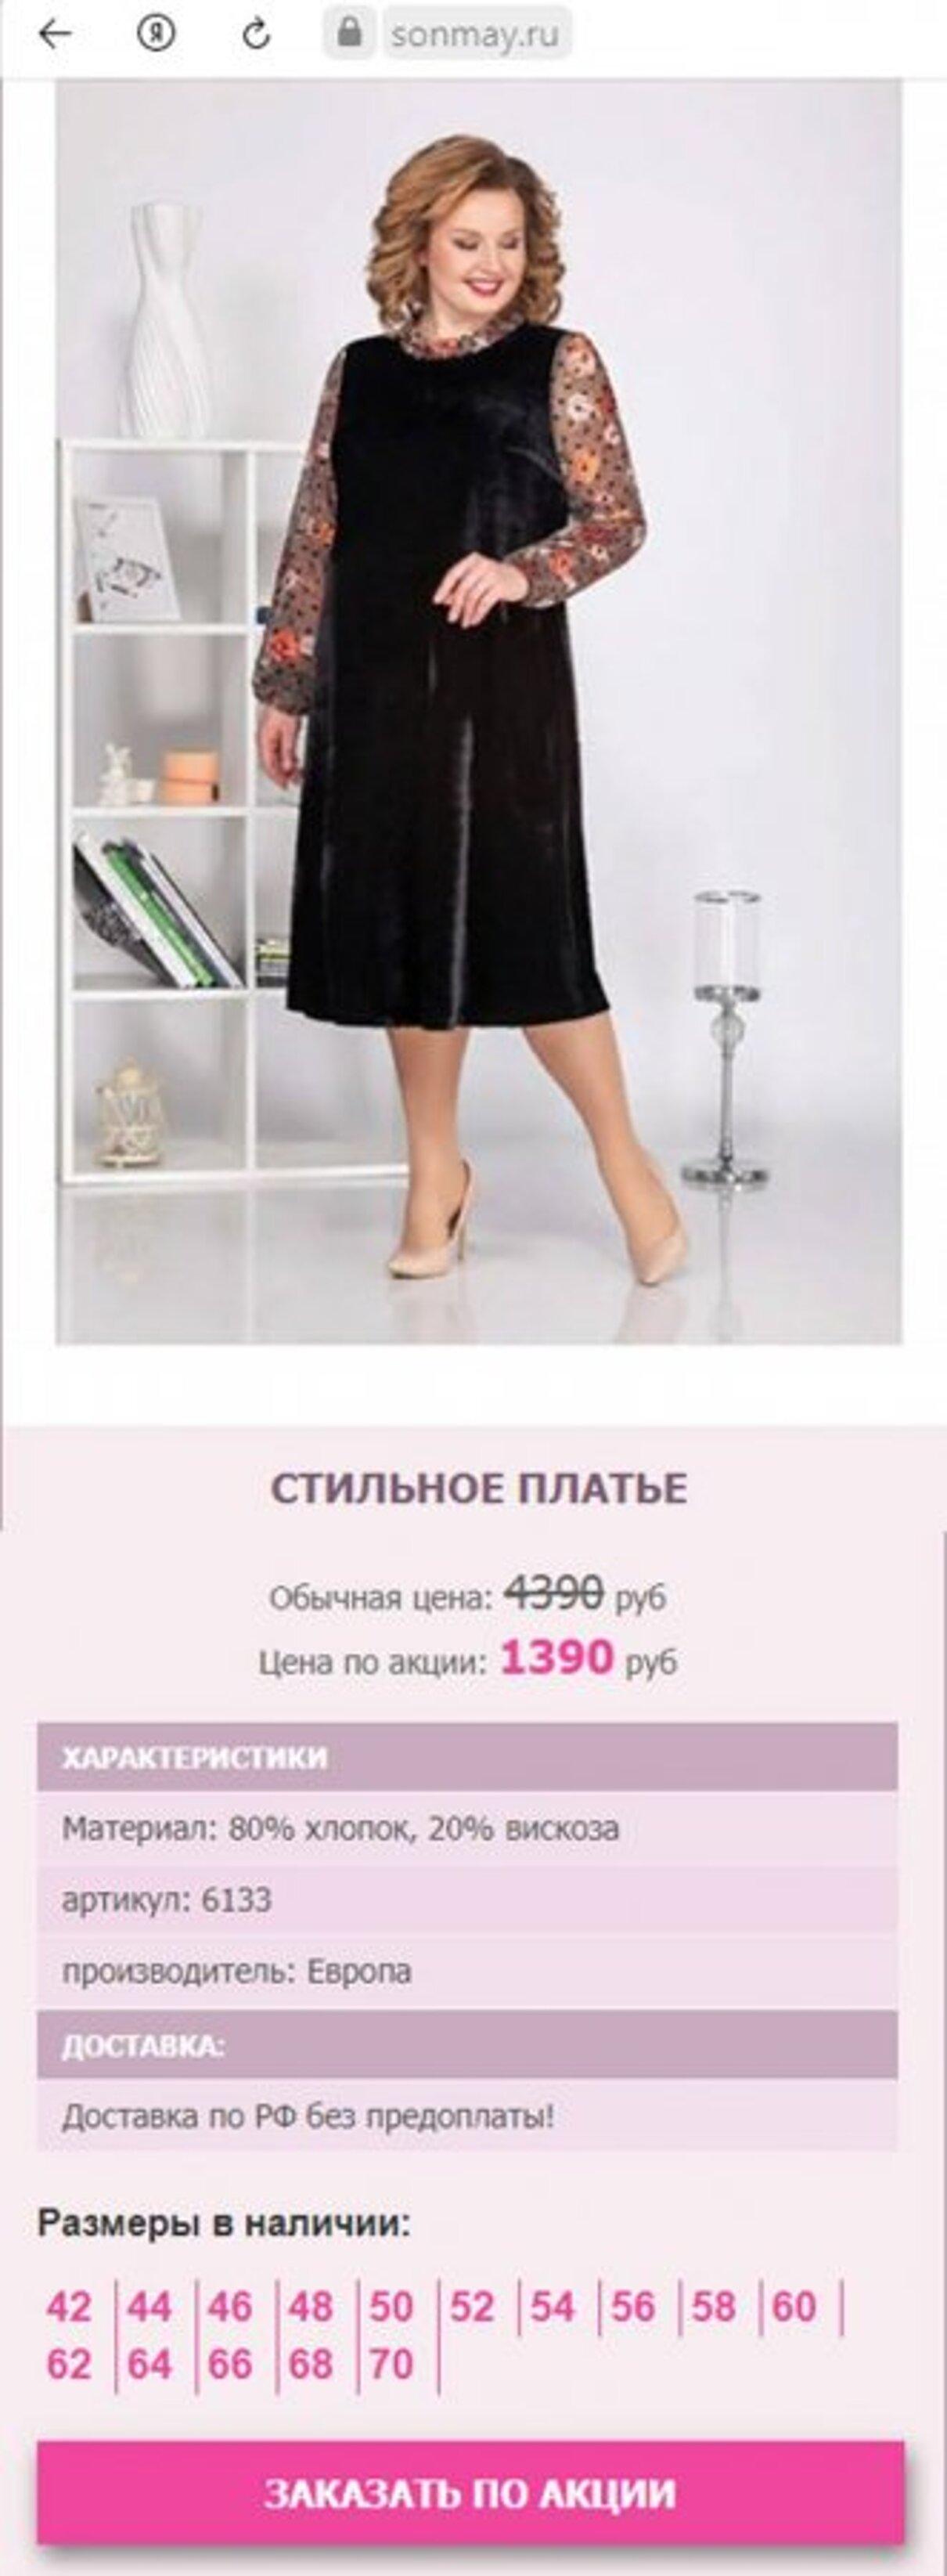 Жалоба-отзыв: Магазин стильной одежды https://sonmay.ru - МОШЕННИЧЕСТВО